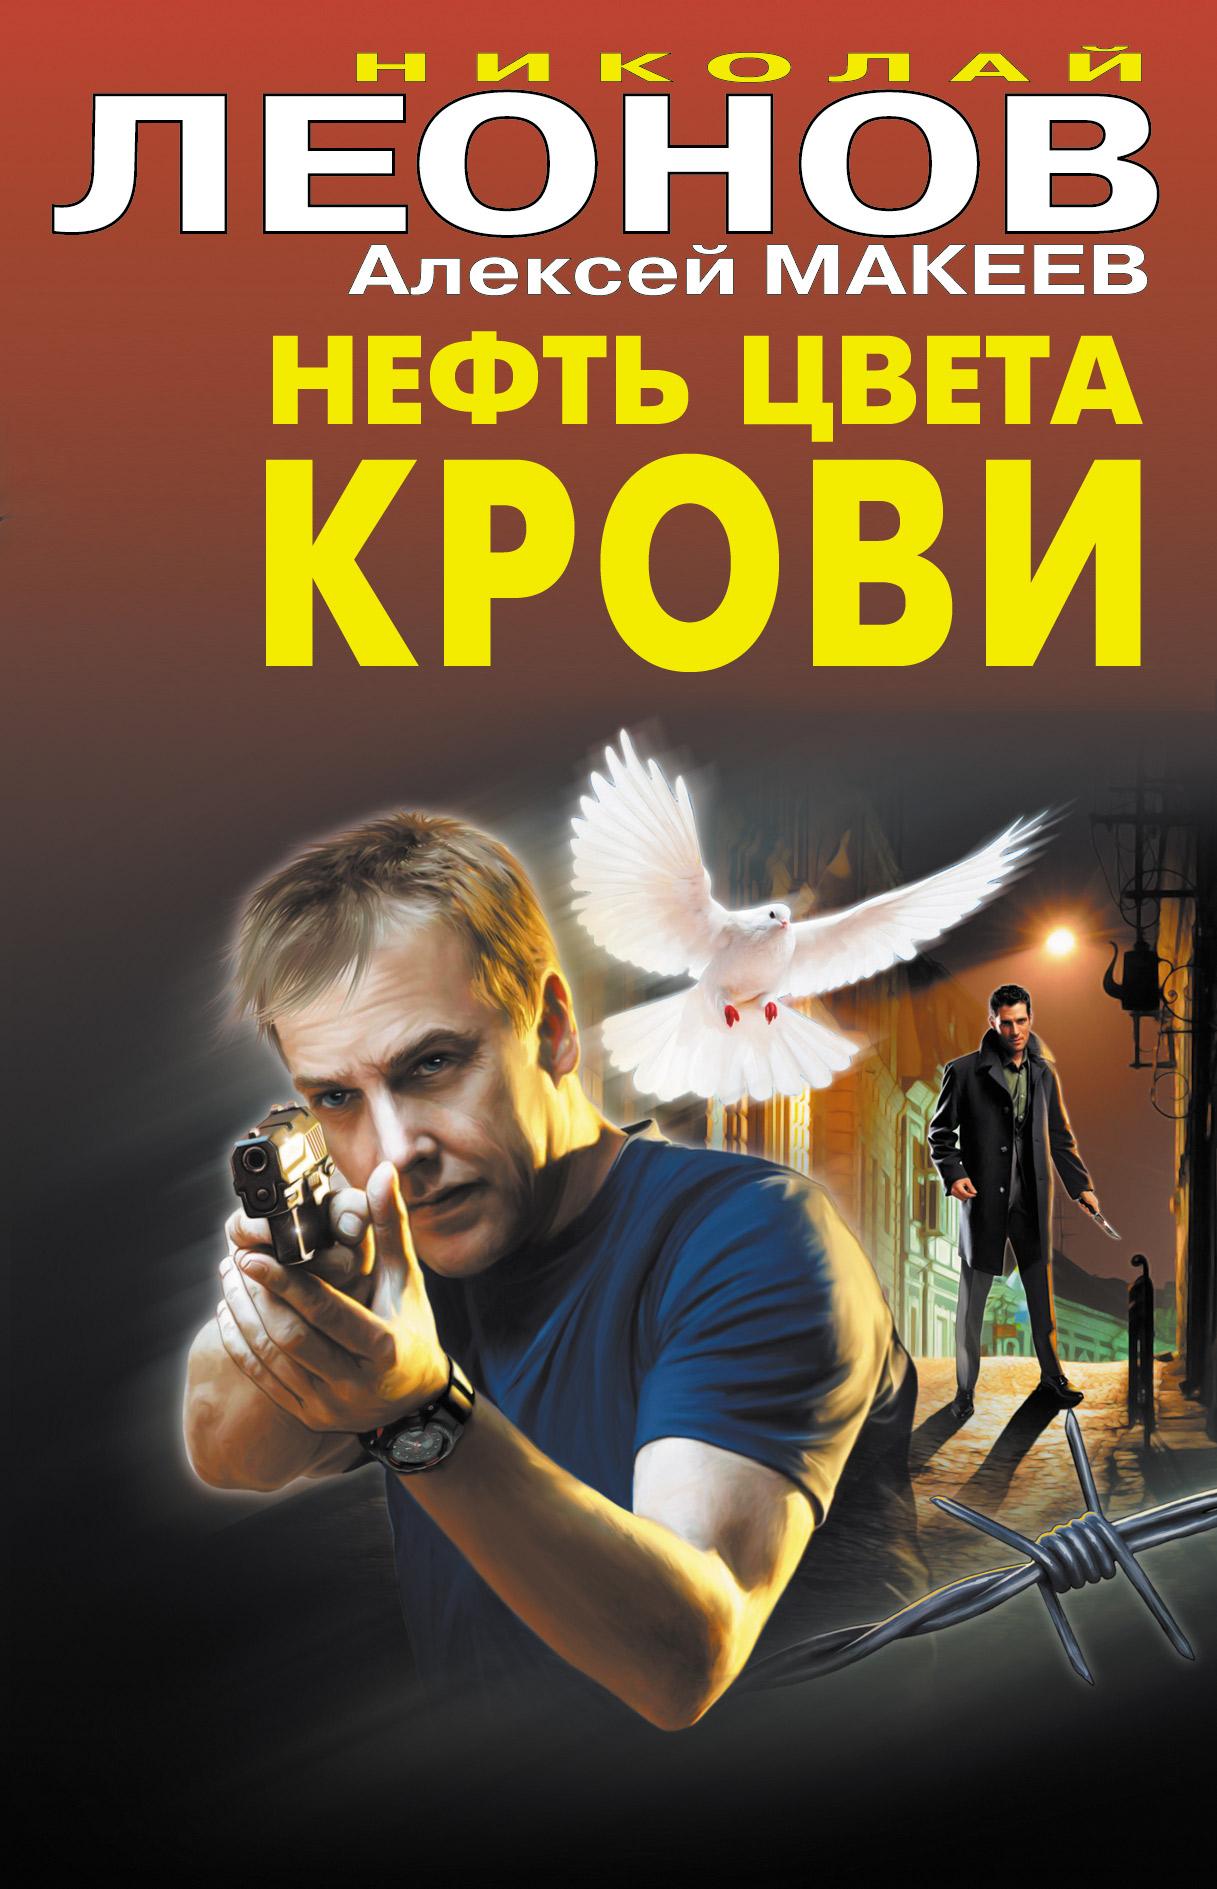 Николай Леонов Нефть цвета крови все цены